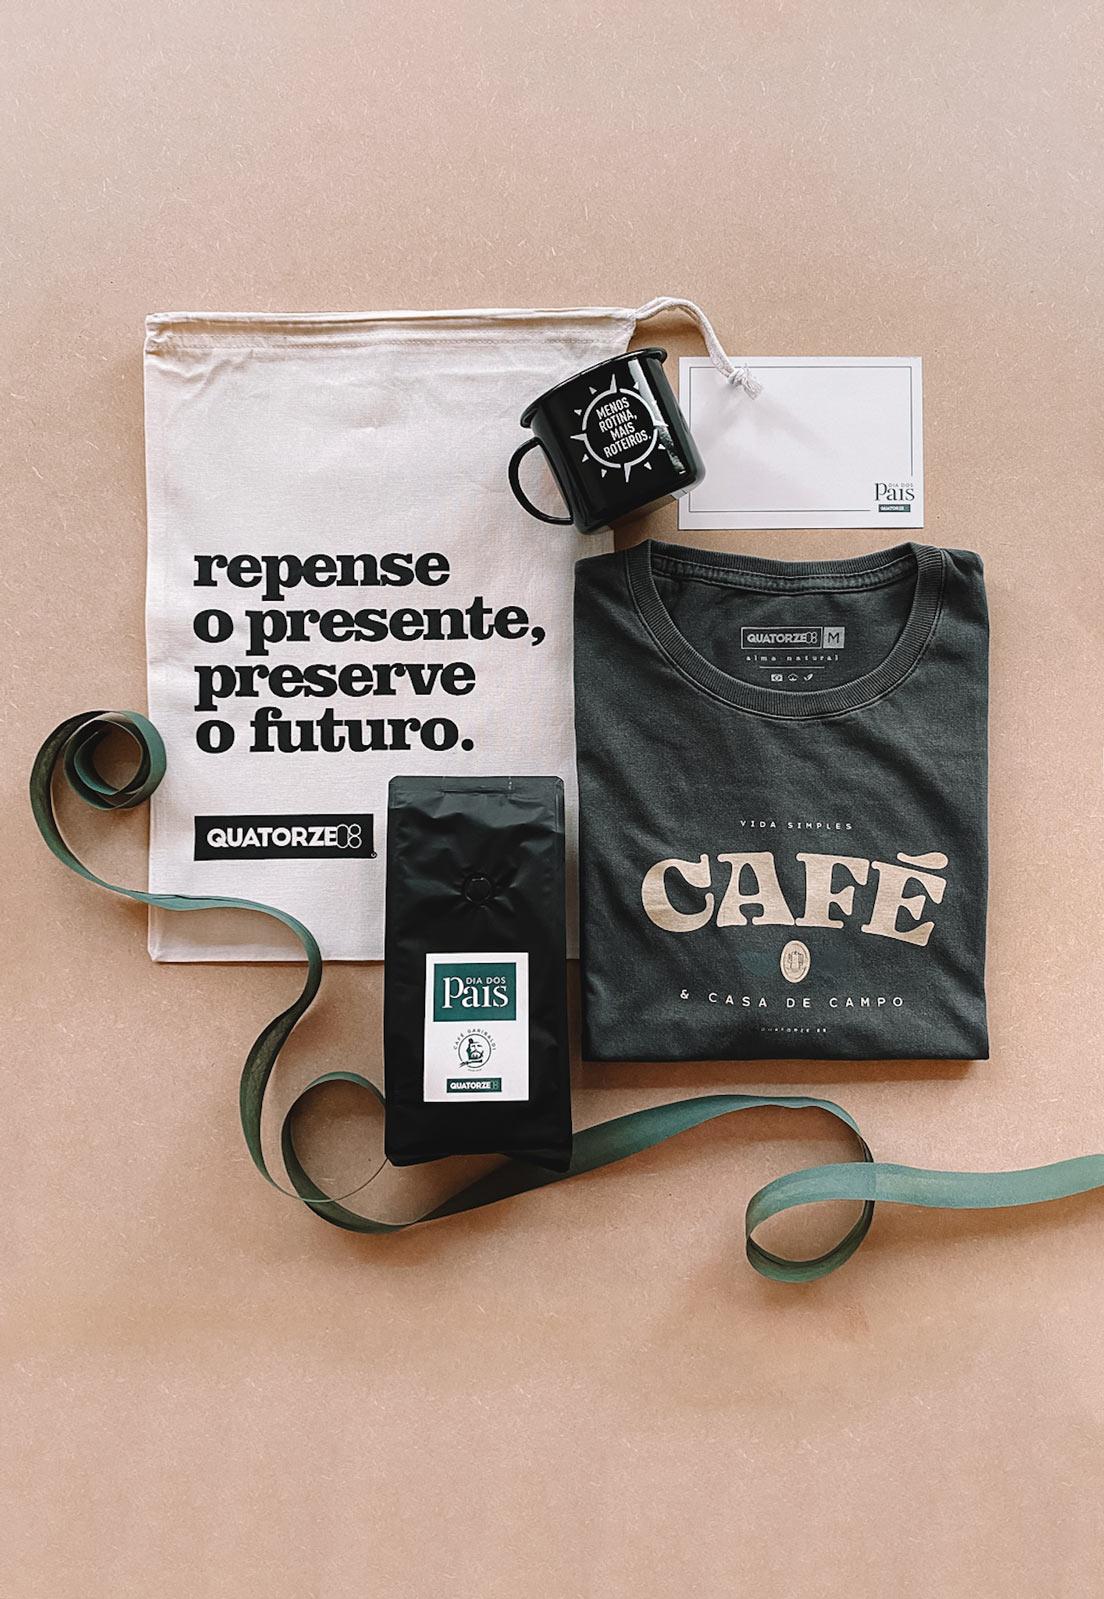 Caixa Presente Masculino 4 Peças: Camiseta Café Chumbo Estonada + Caneca Menos Rotina Preta + Café Artesanal + Ecobag 100% Algodão